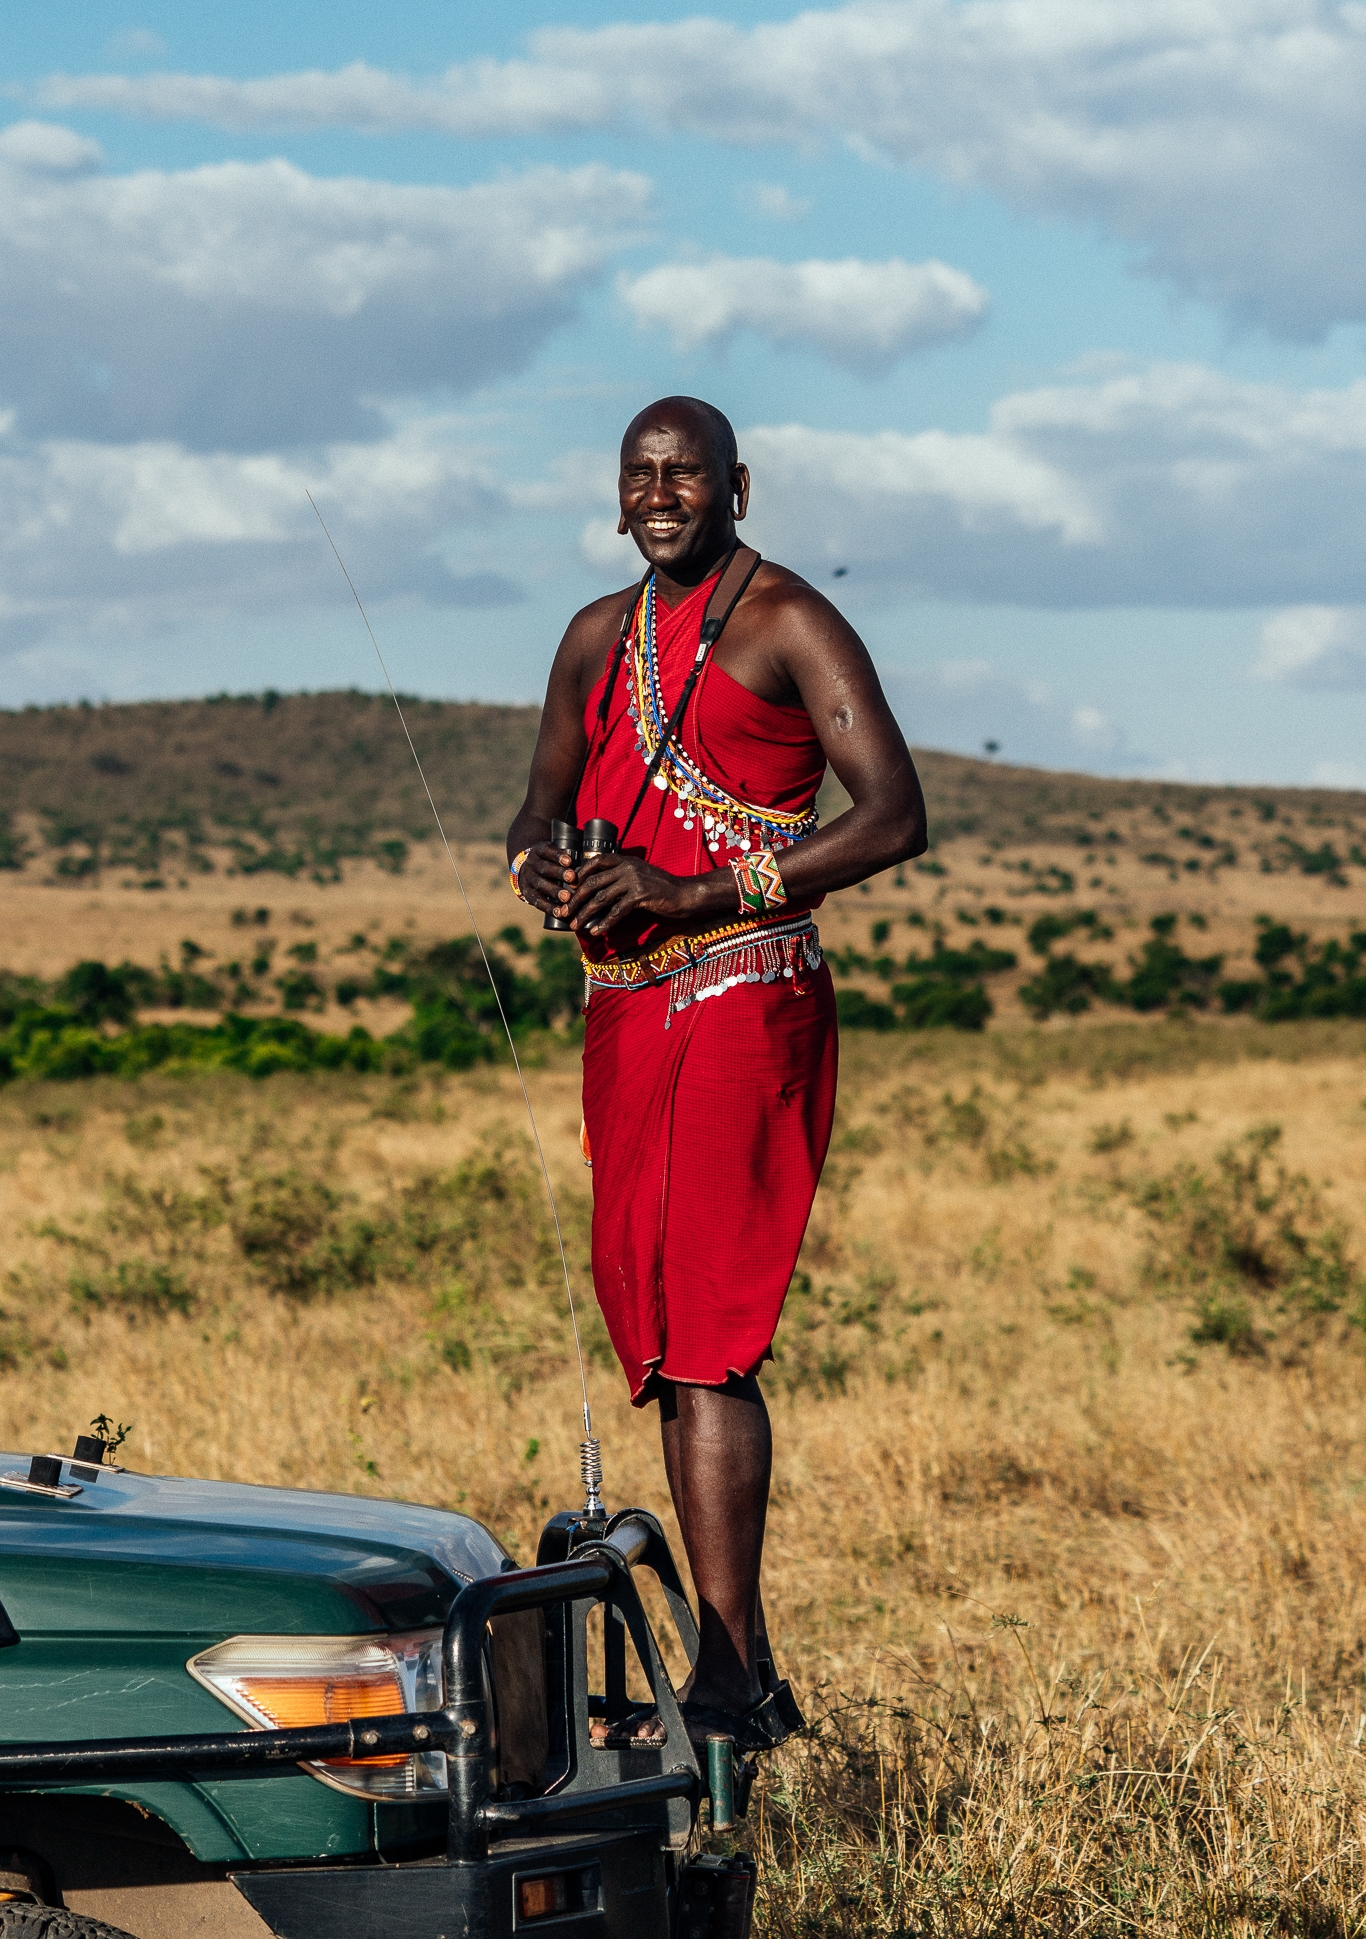 Matura - Maasai Guide at Cottras 1920s Safari Camp Ph. Dave Krugman